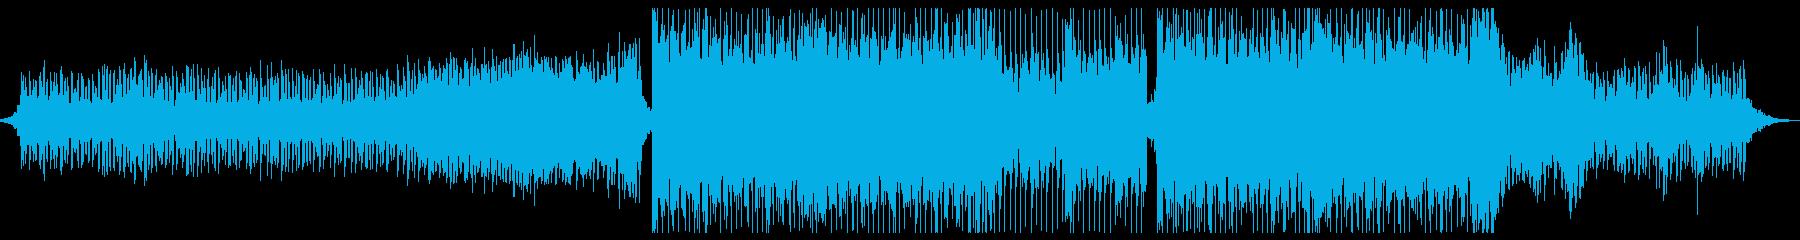 疾走感EDMロック♪希望・企業VP・CMの再生済みの波形